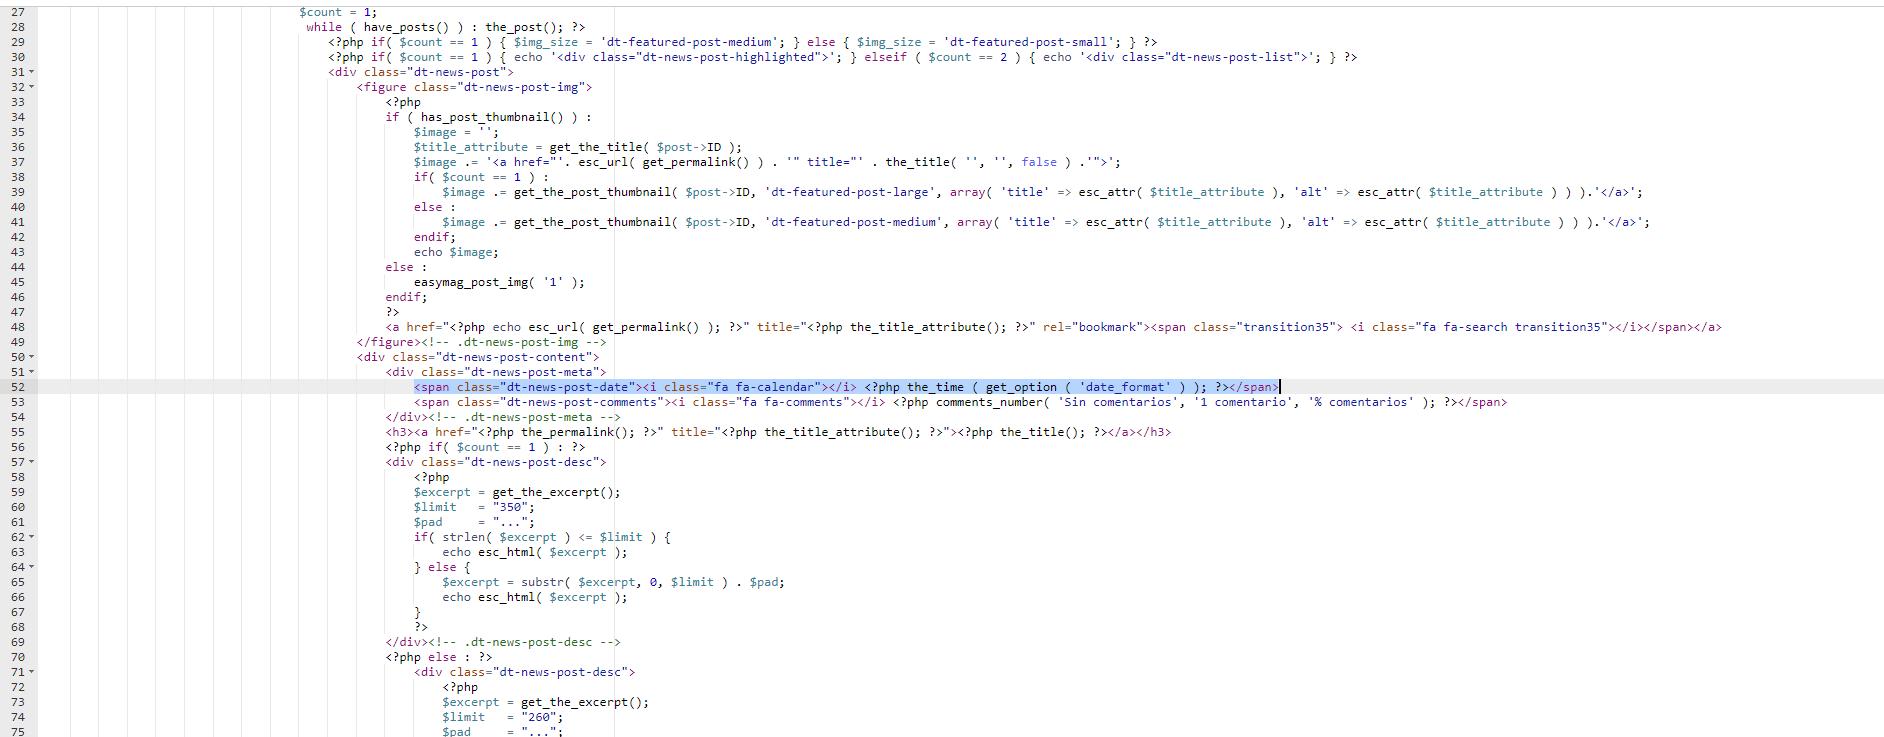 como-quitar-la-fecha-de-las-entradas-en-wordpress